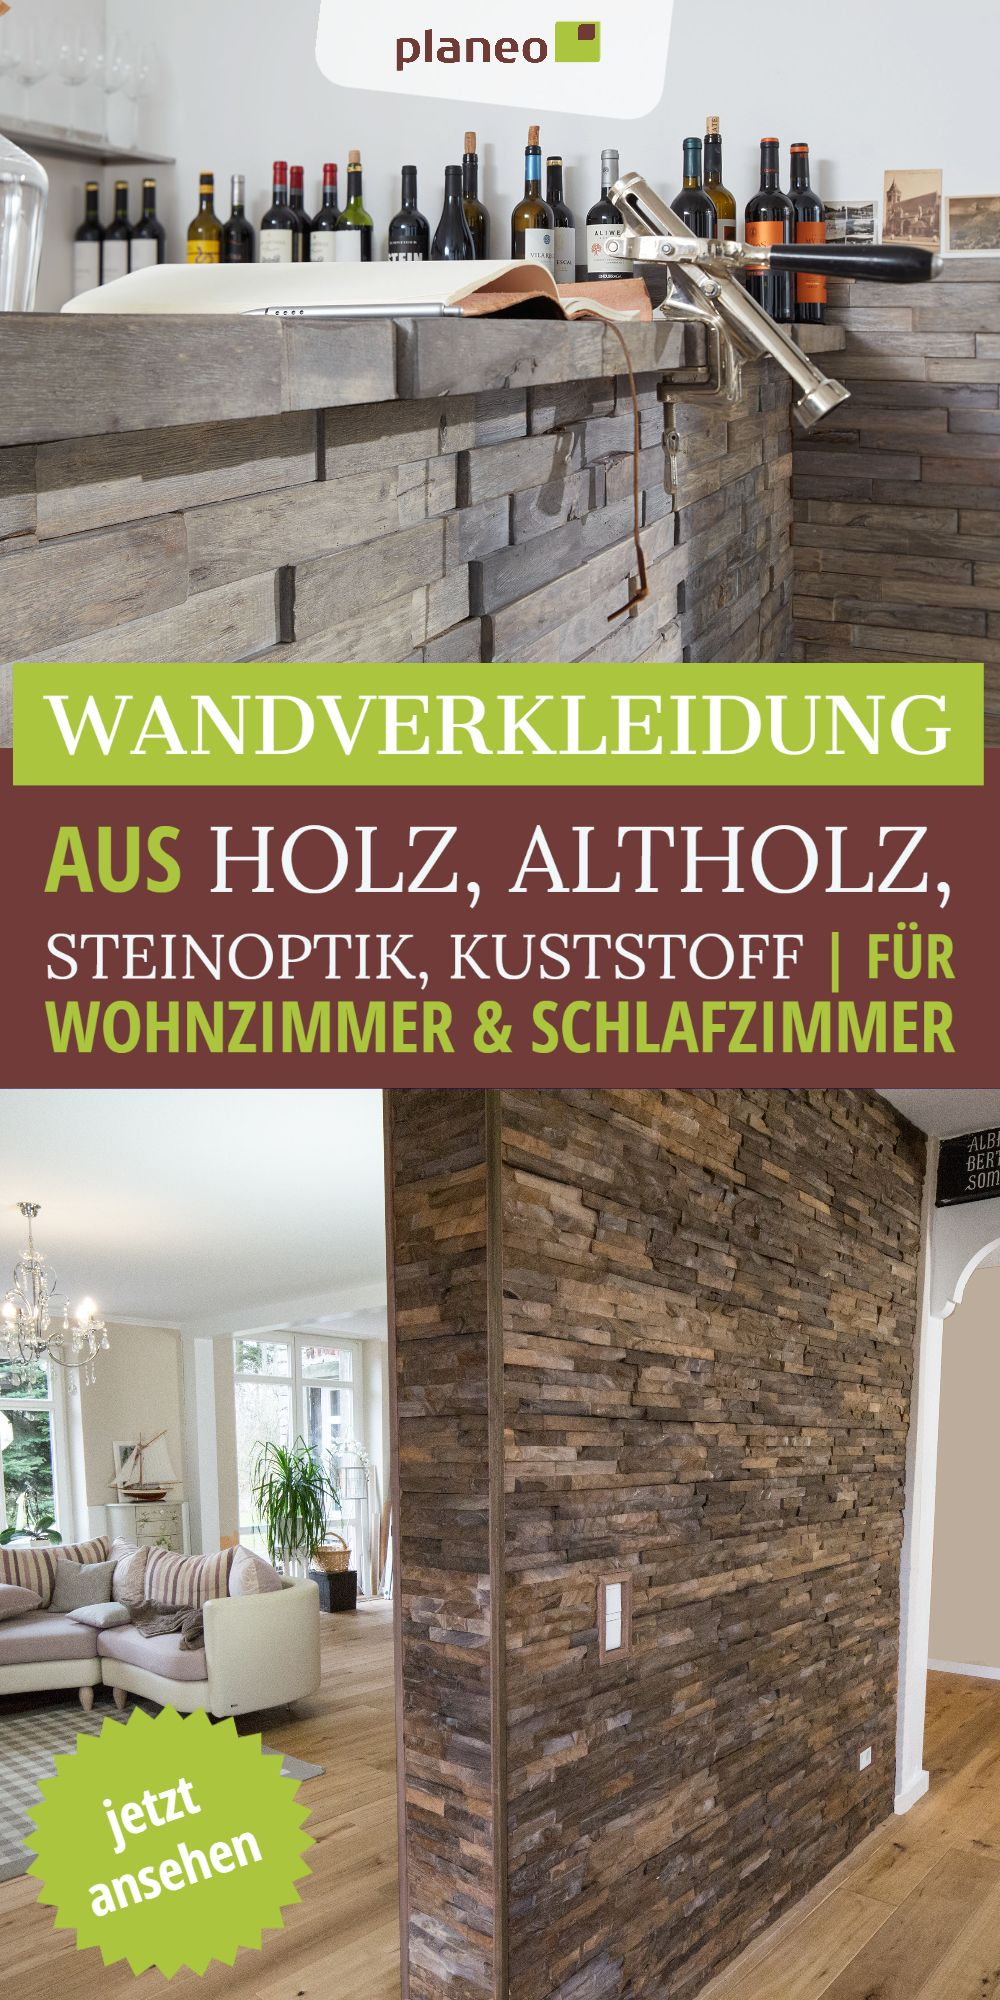 Wandverkleidung Wandgestaltung Aus Holz Altholz Kunststoff Fur Wohnzimmer Schlafzimmer U V M In 2020 Wandverkleidung Verkleidung Wandpaneele